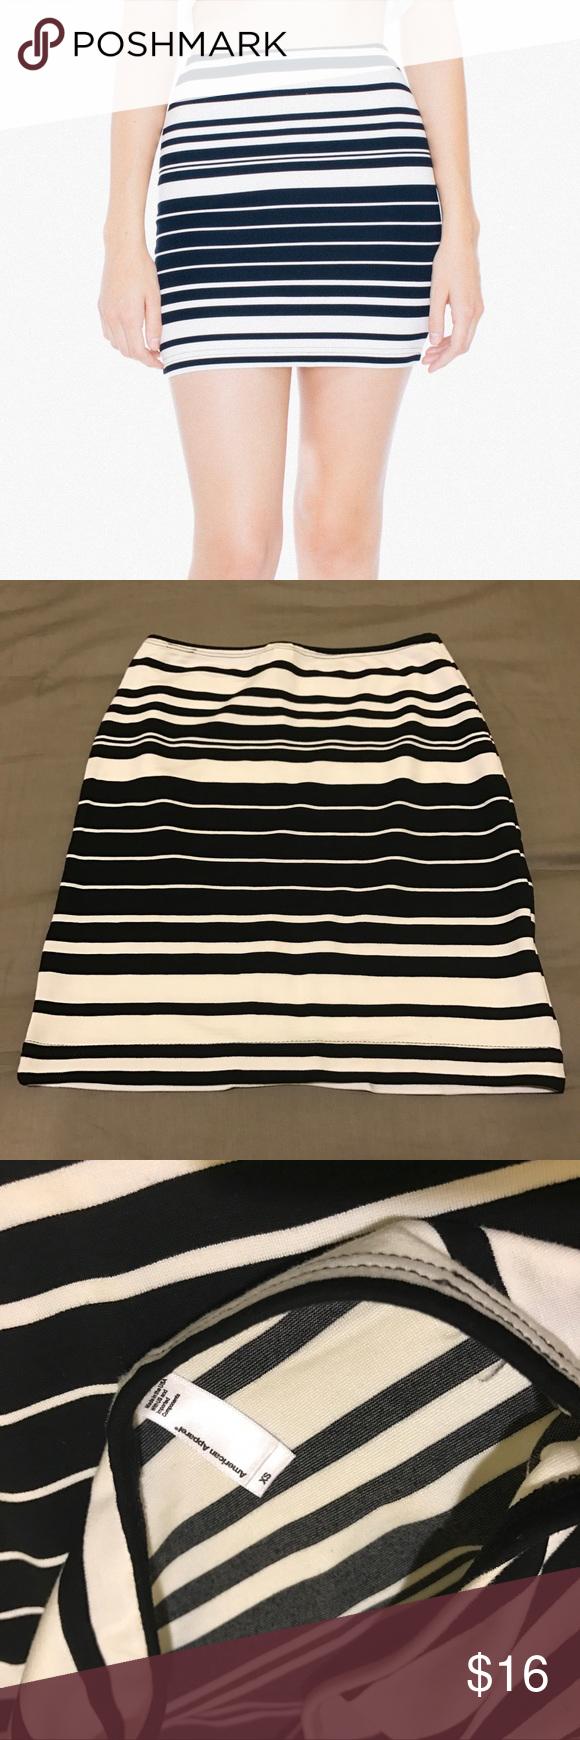 18affc48e American Apparel - Striped Ponte Mini Skirt Striped Ponte Mini Skirt //  Color: Salem